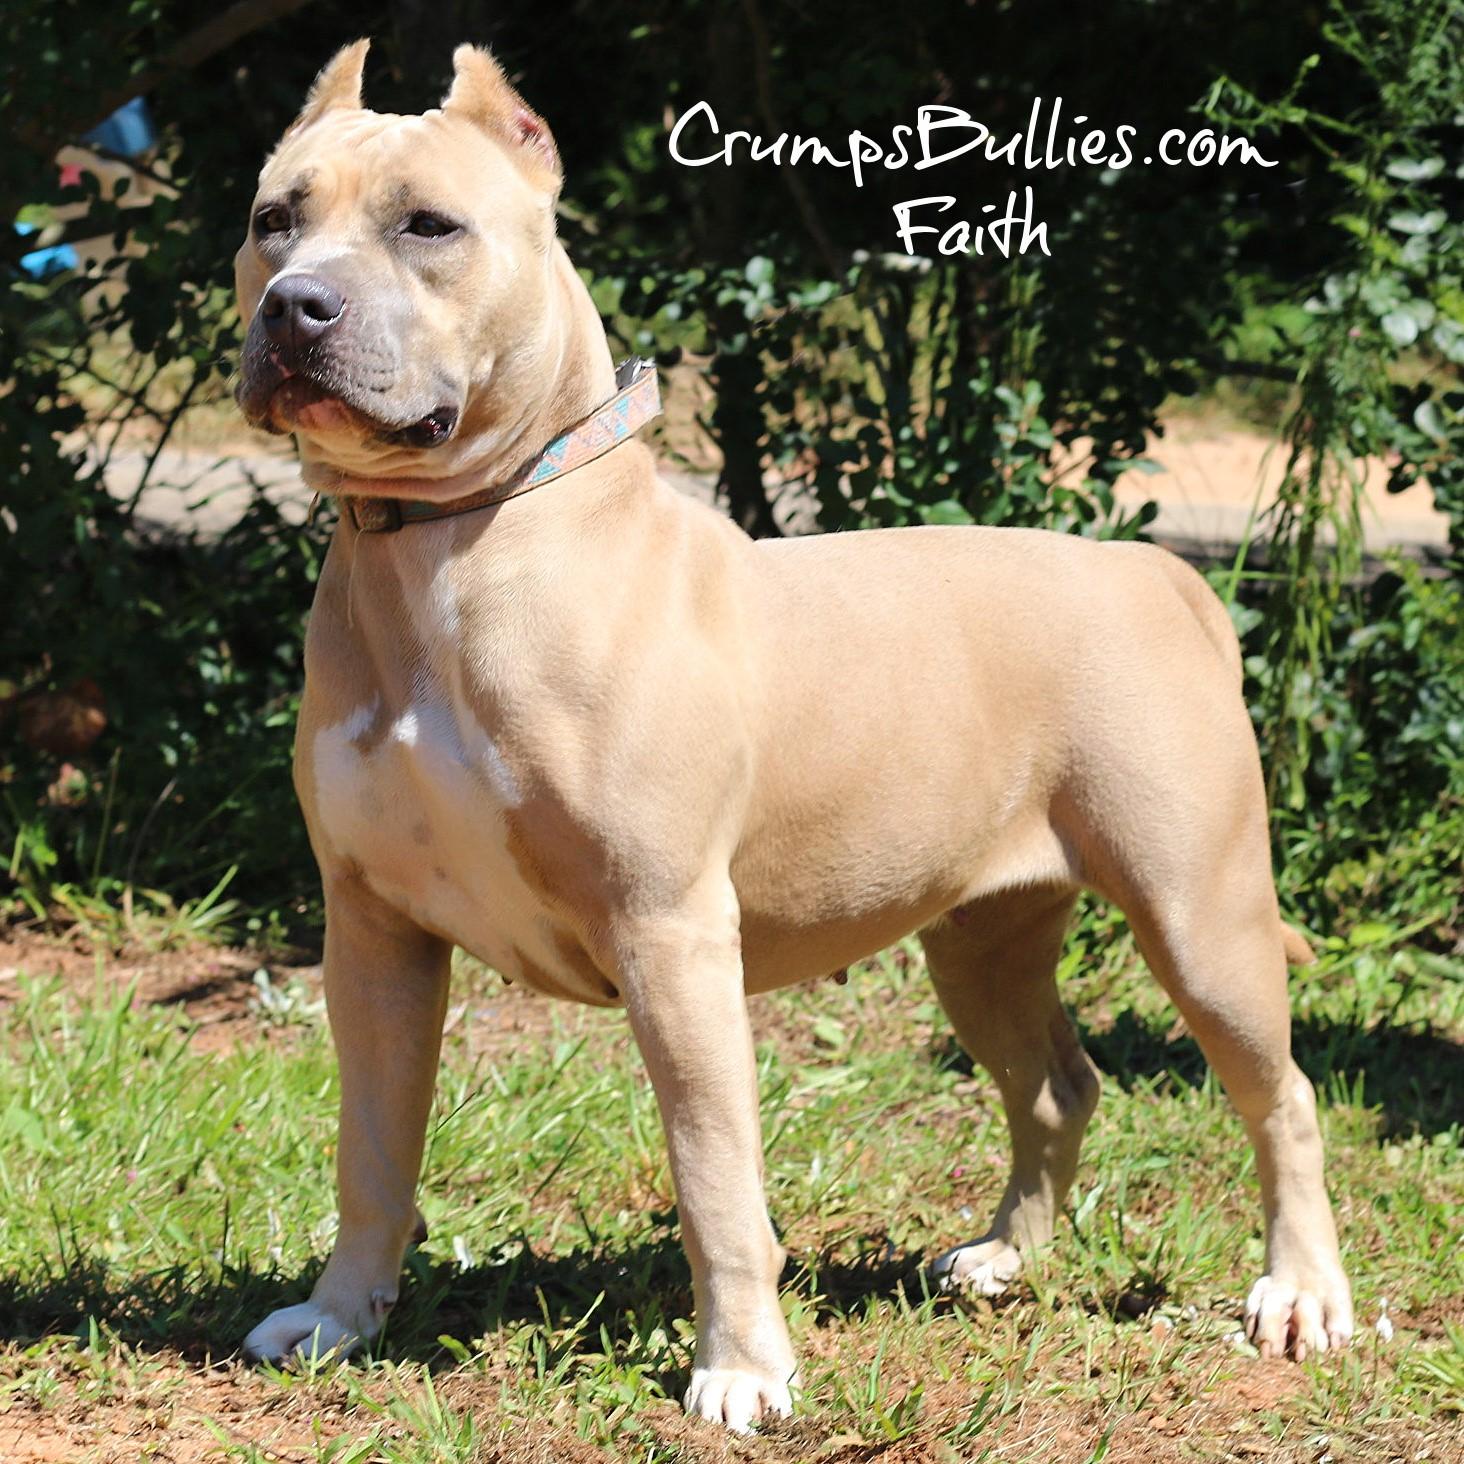 fawn pitbull